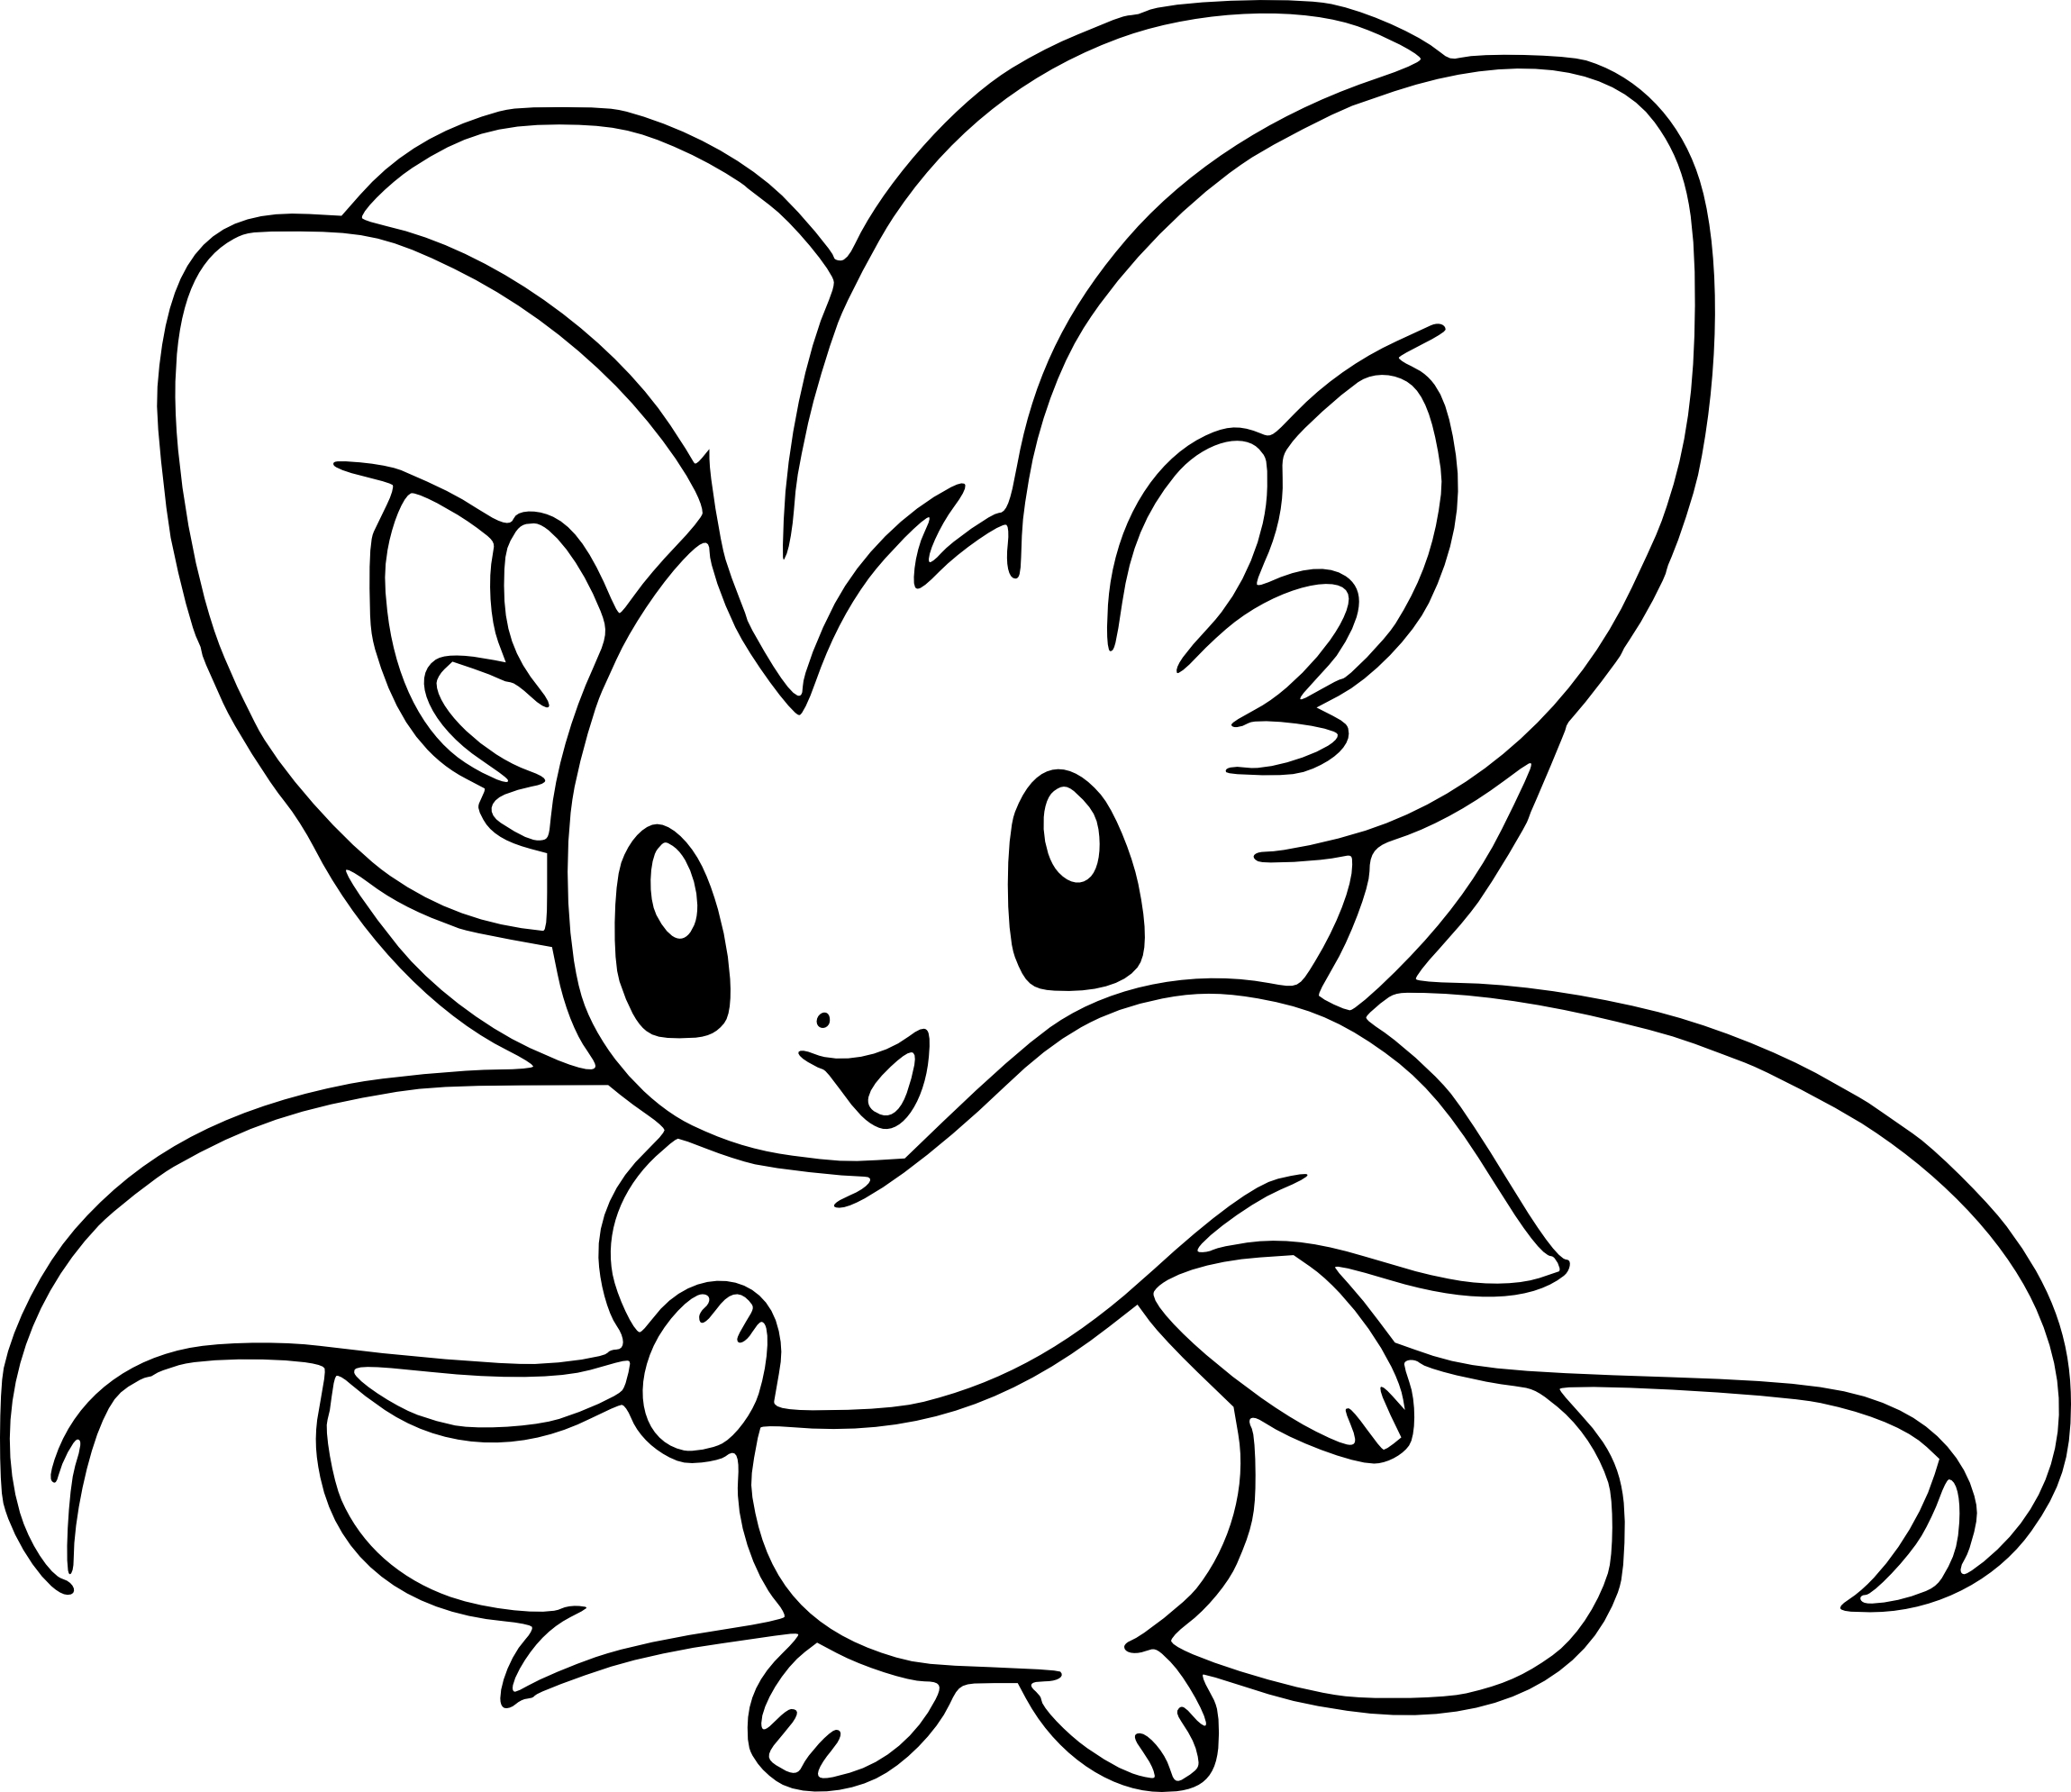 Coloriage Pashmilla Pokemon à Imprimer Et Colorier